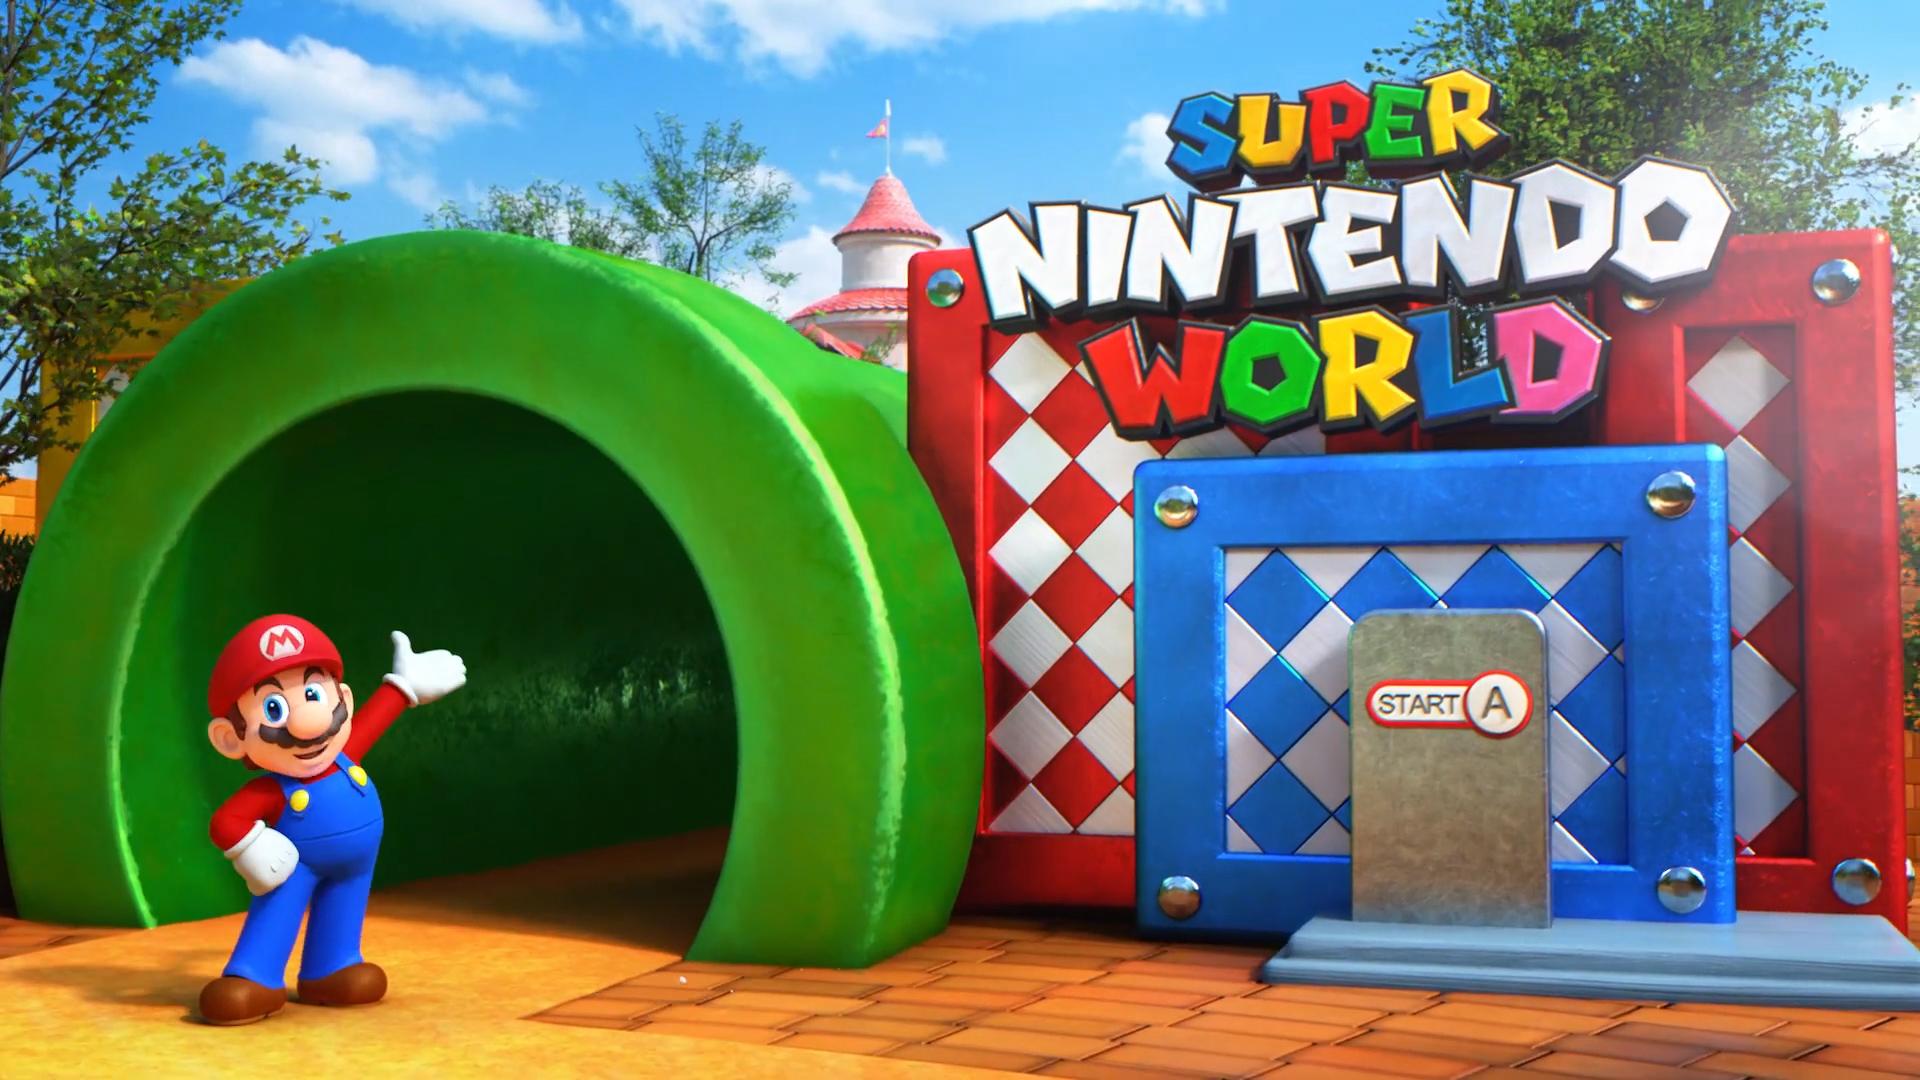 Un concept mostrerebbe l'aspetto del Super Nintendo World, il parco divertimenti Nintendo